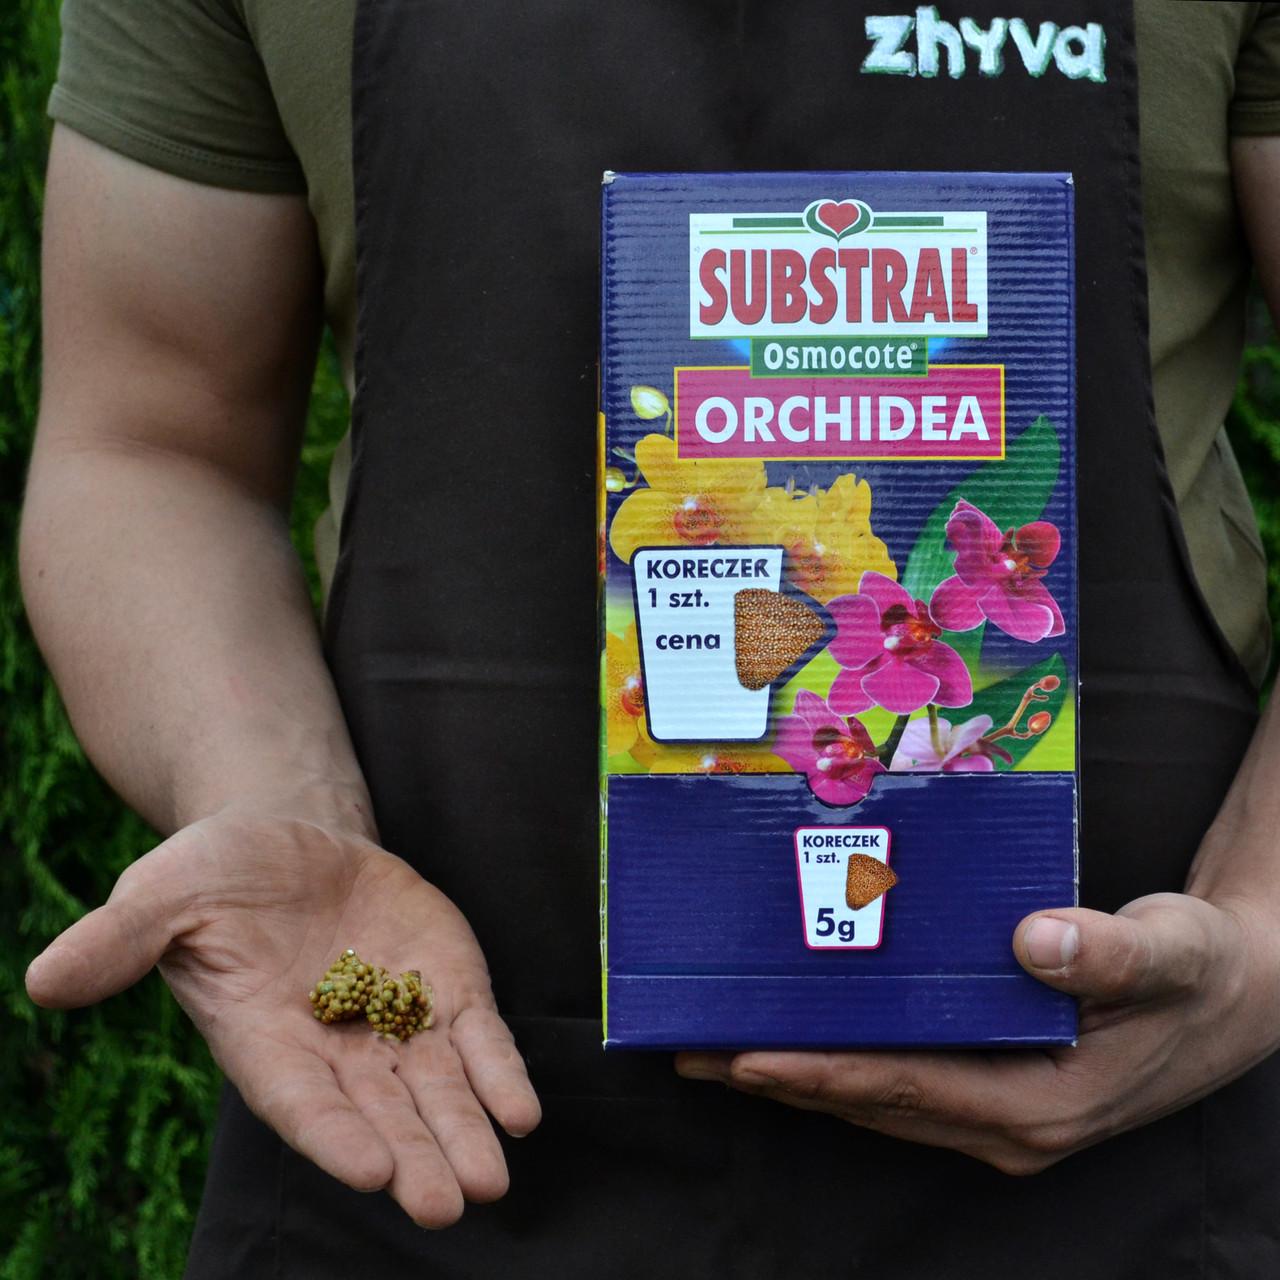 Удобрение длительного действия 6 мес. Субстрал (Осмокот) для орхидей 1 конус (5г)